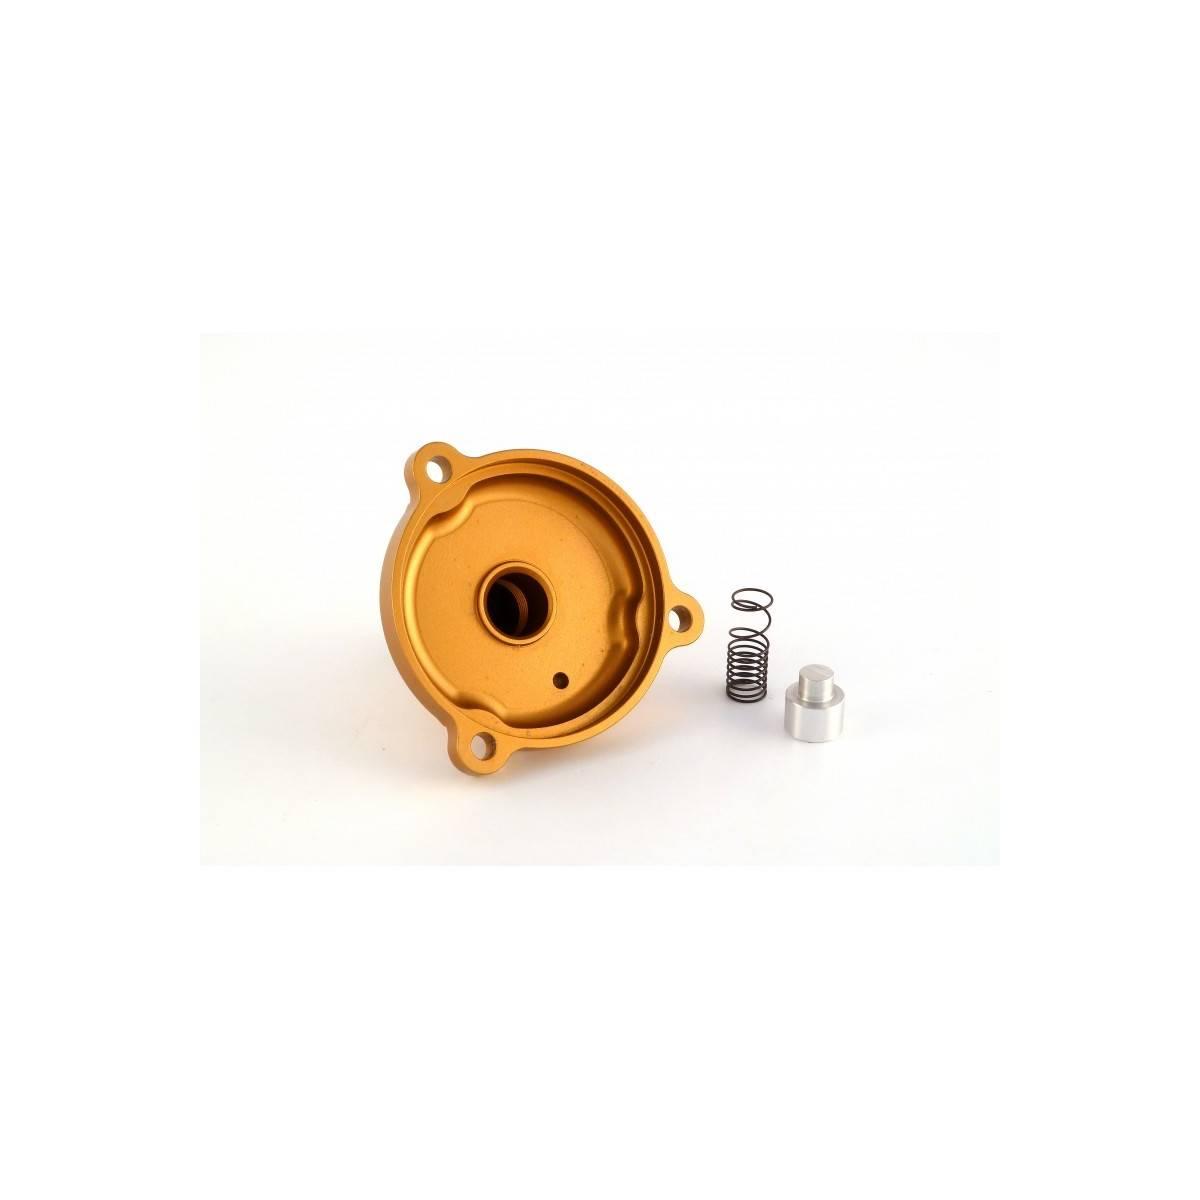 DA31153 - Regulador Potencia Valvula Vhm Ktm Sx 65 09... Hva Tc 65 17...